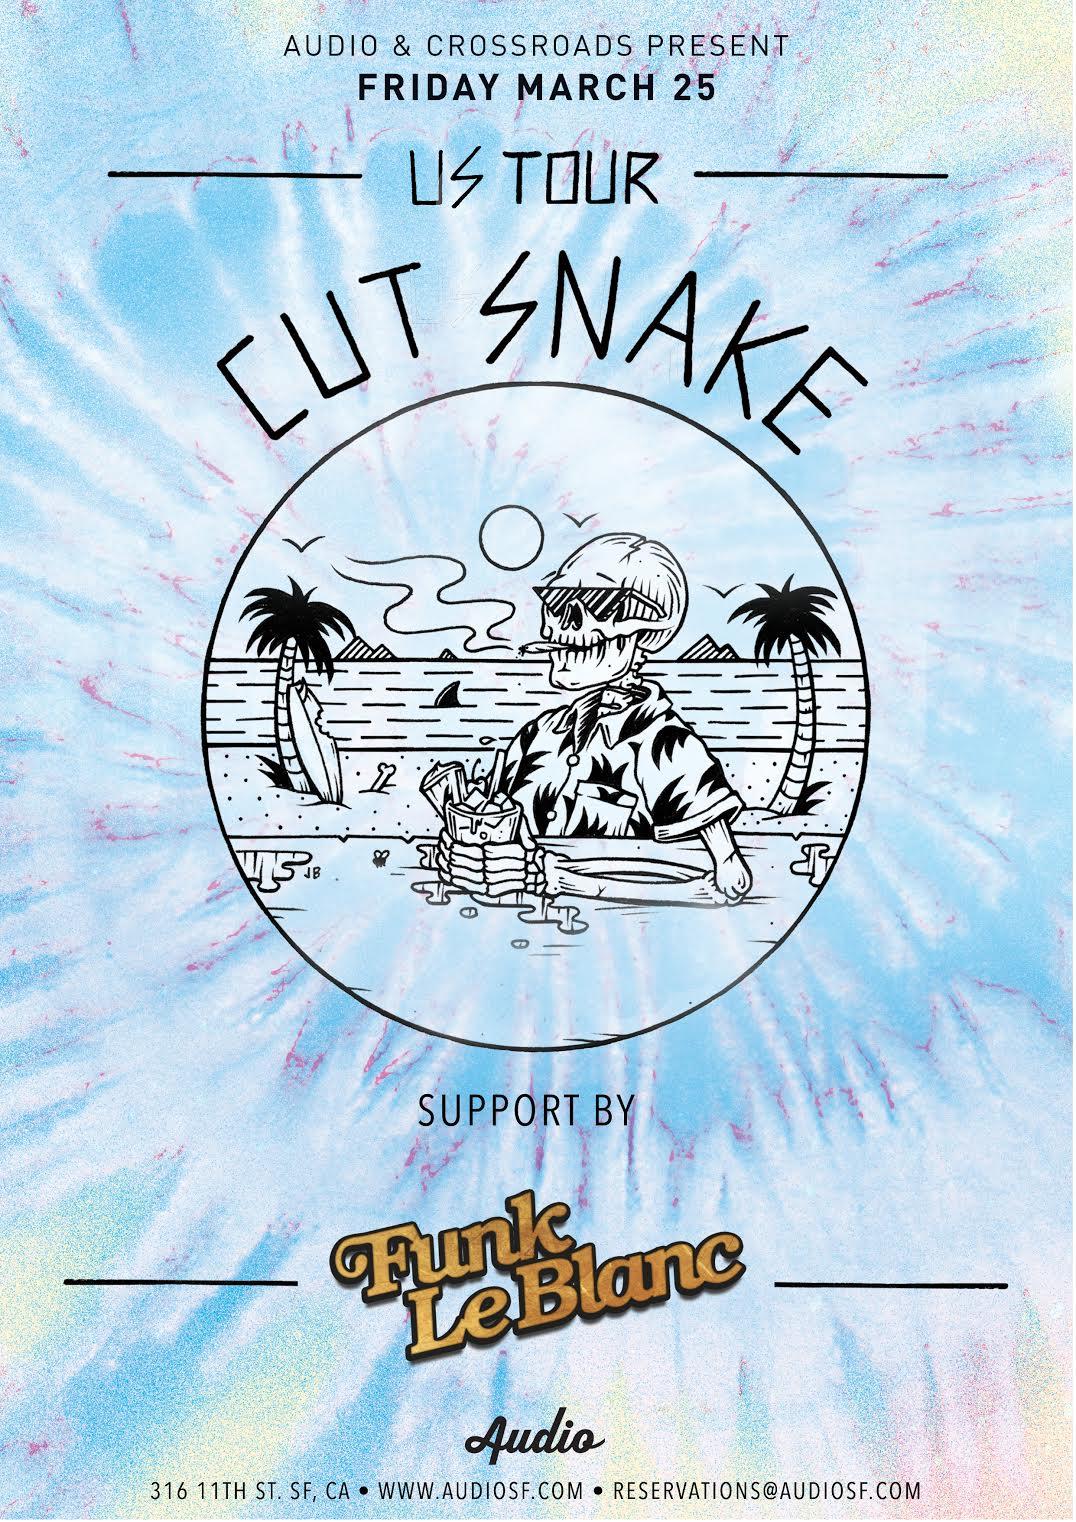 Cut Snake & Funk LeBlanc - March 25th